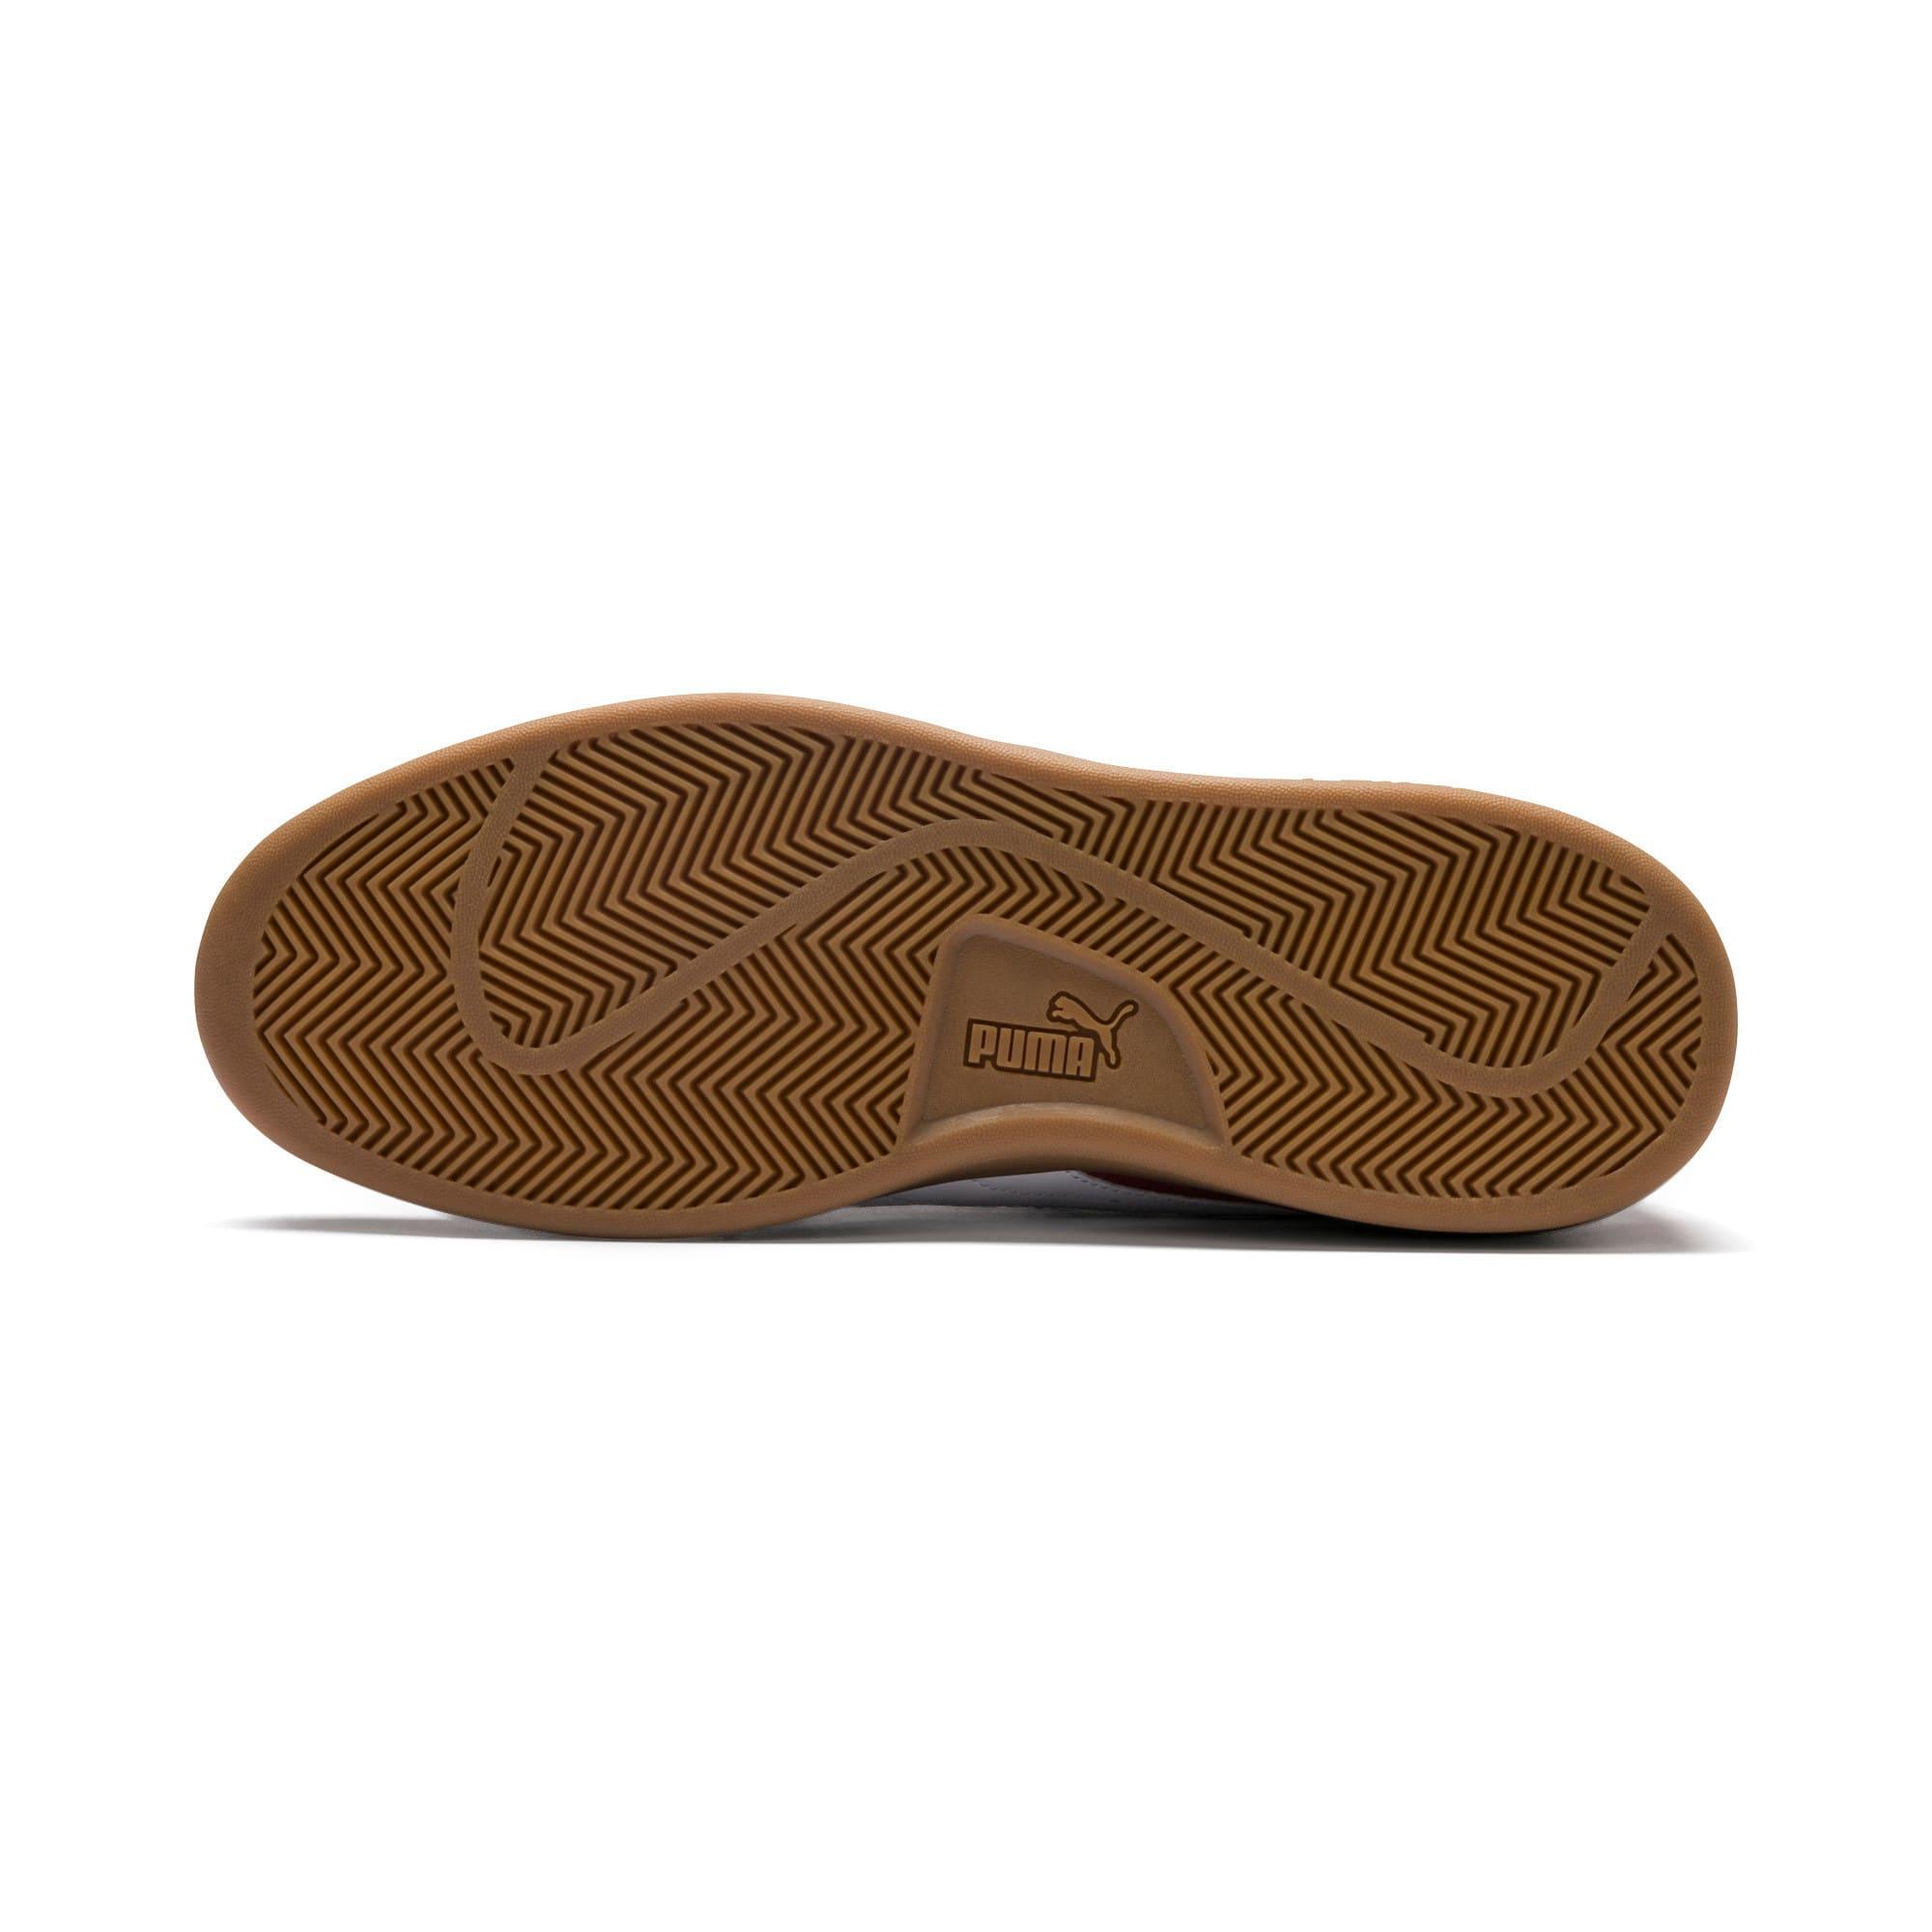 Miniatura 3 de Zapatos deportivos Astro Kick, Cordovan-Puma White, mediano